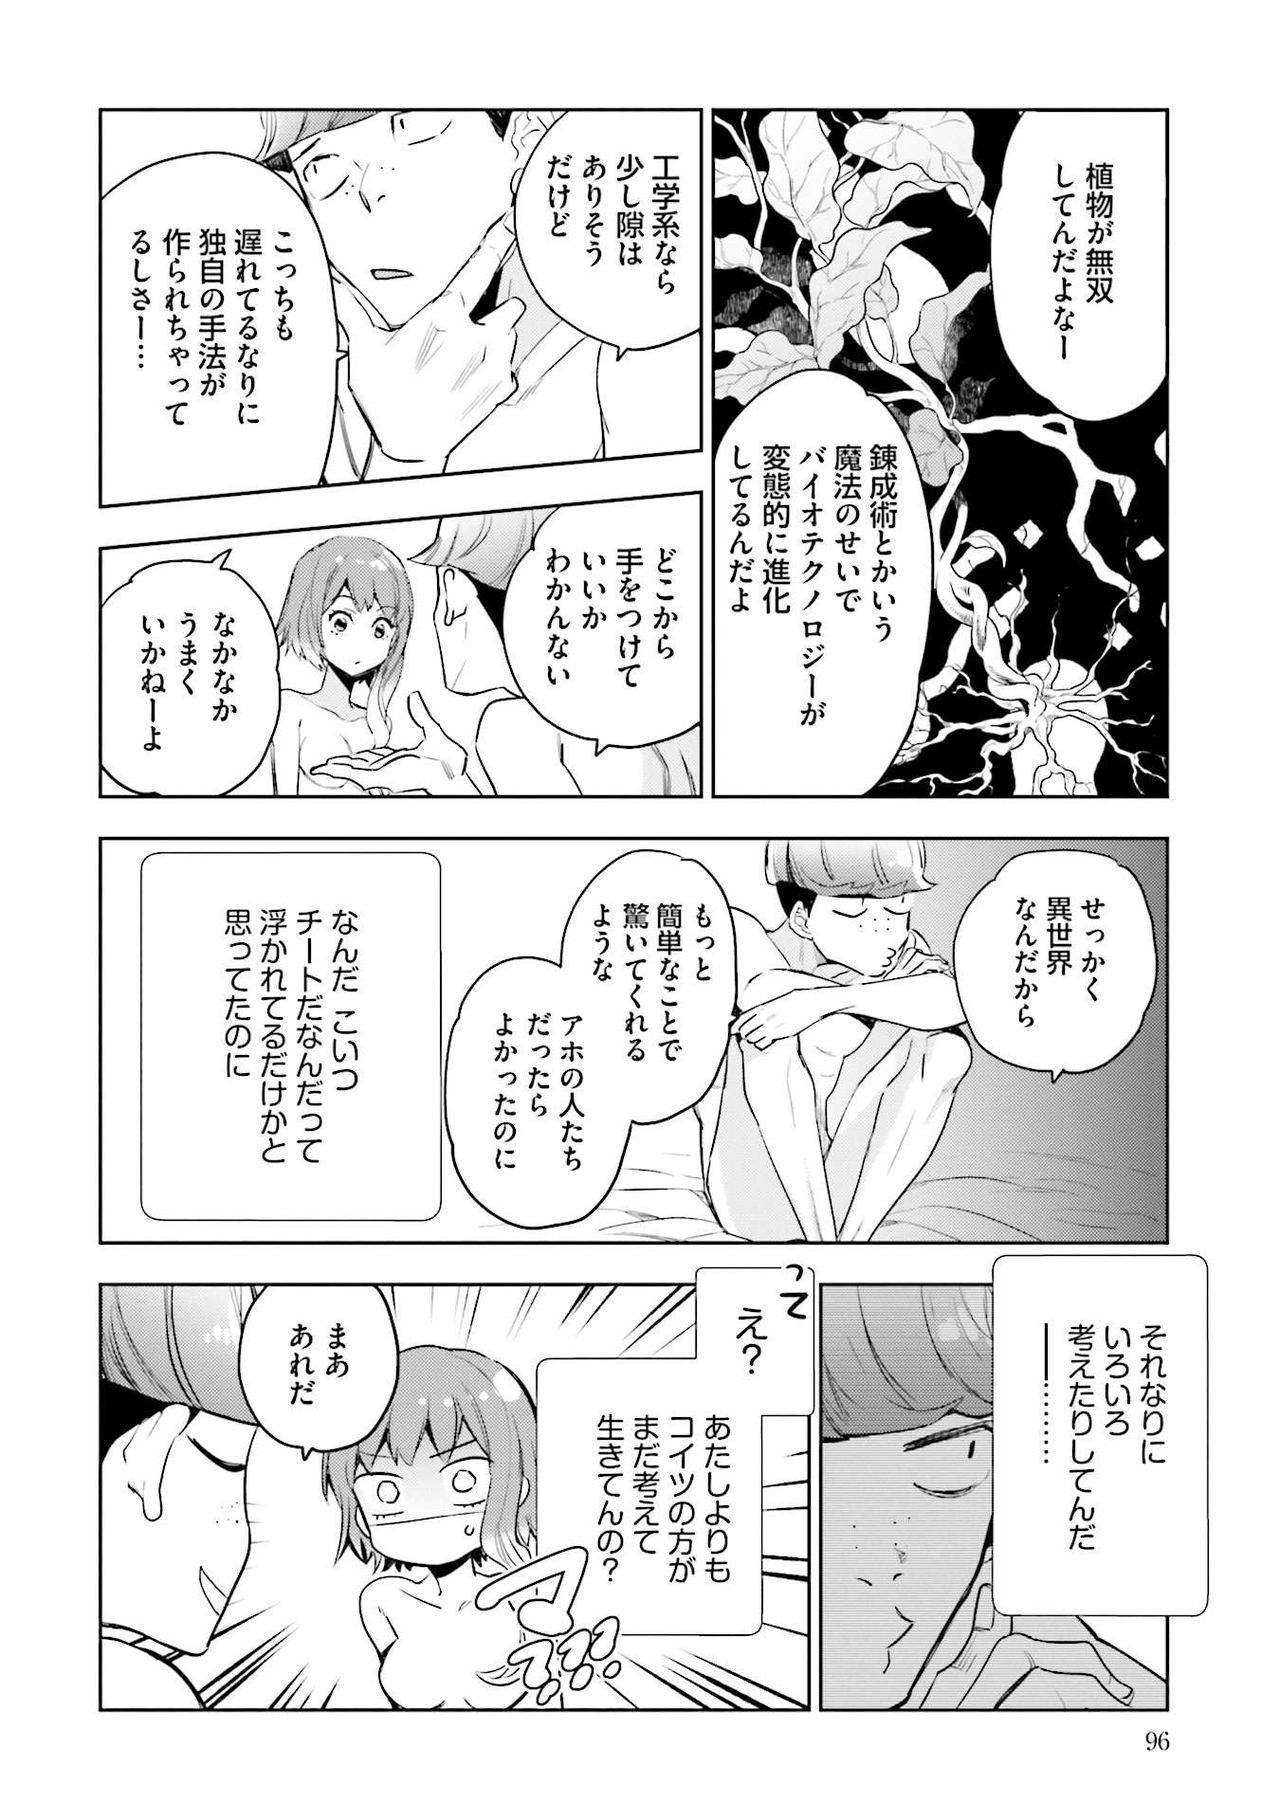 JK Haru wa Isekai de Shoufu ni Natta 1-14 97